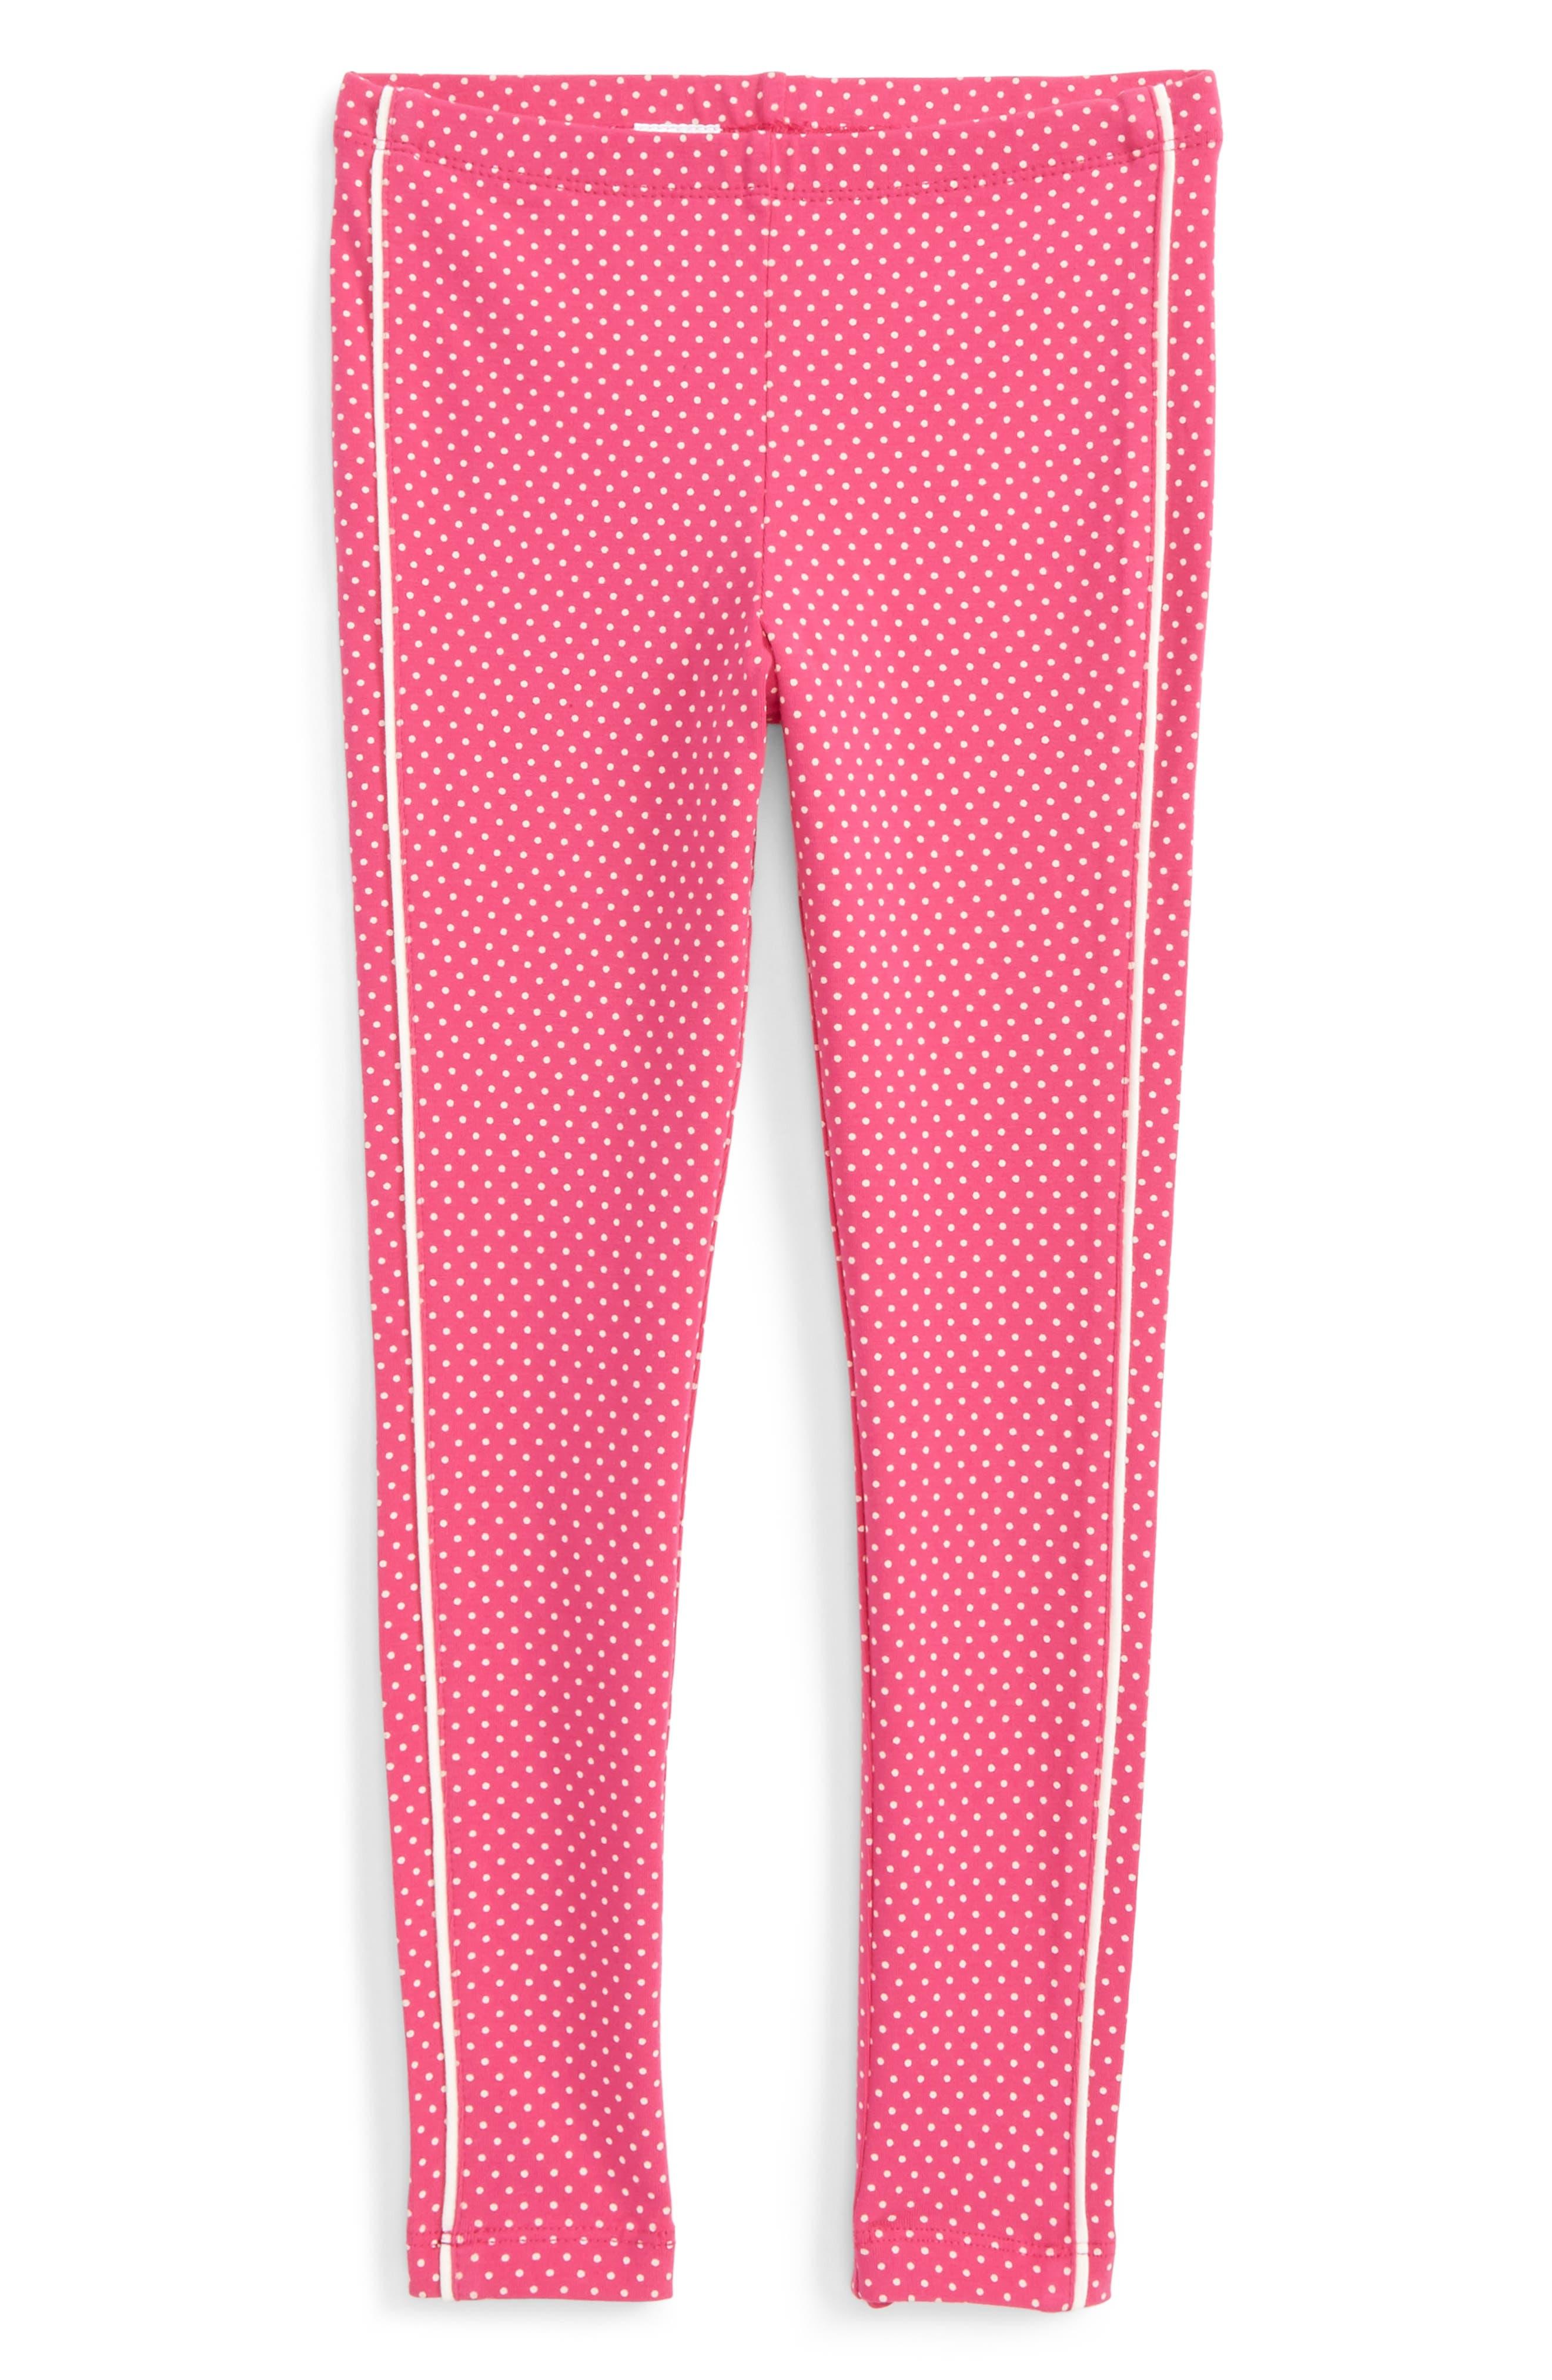 Stripe-n-Dot Leggings,                         Main,                         color, Pink